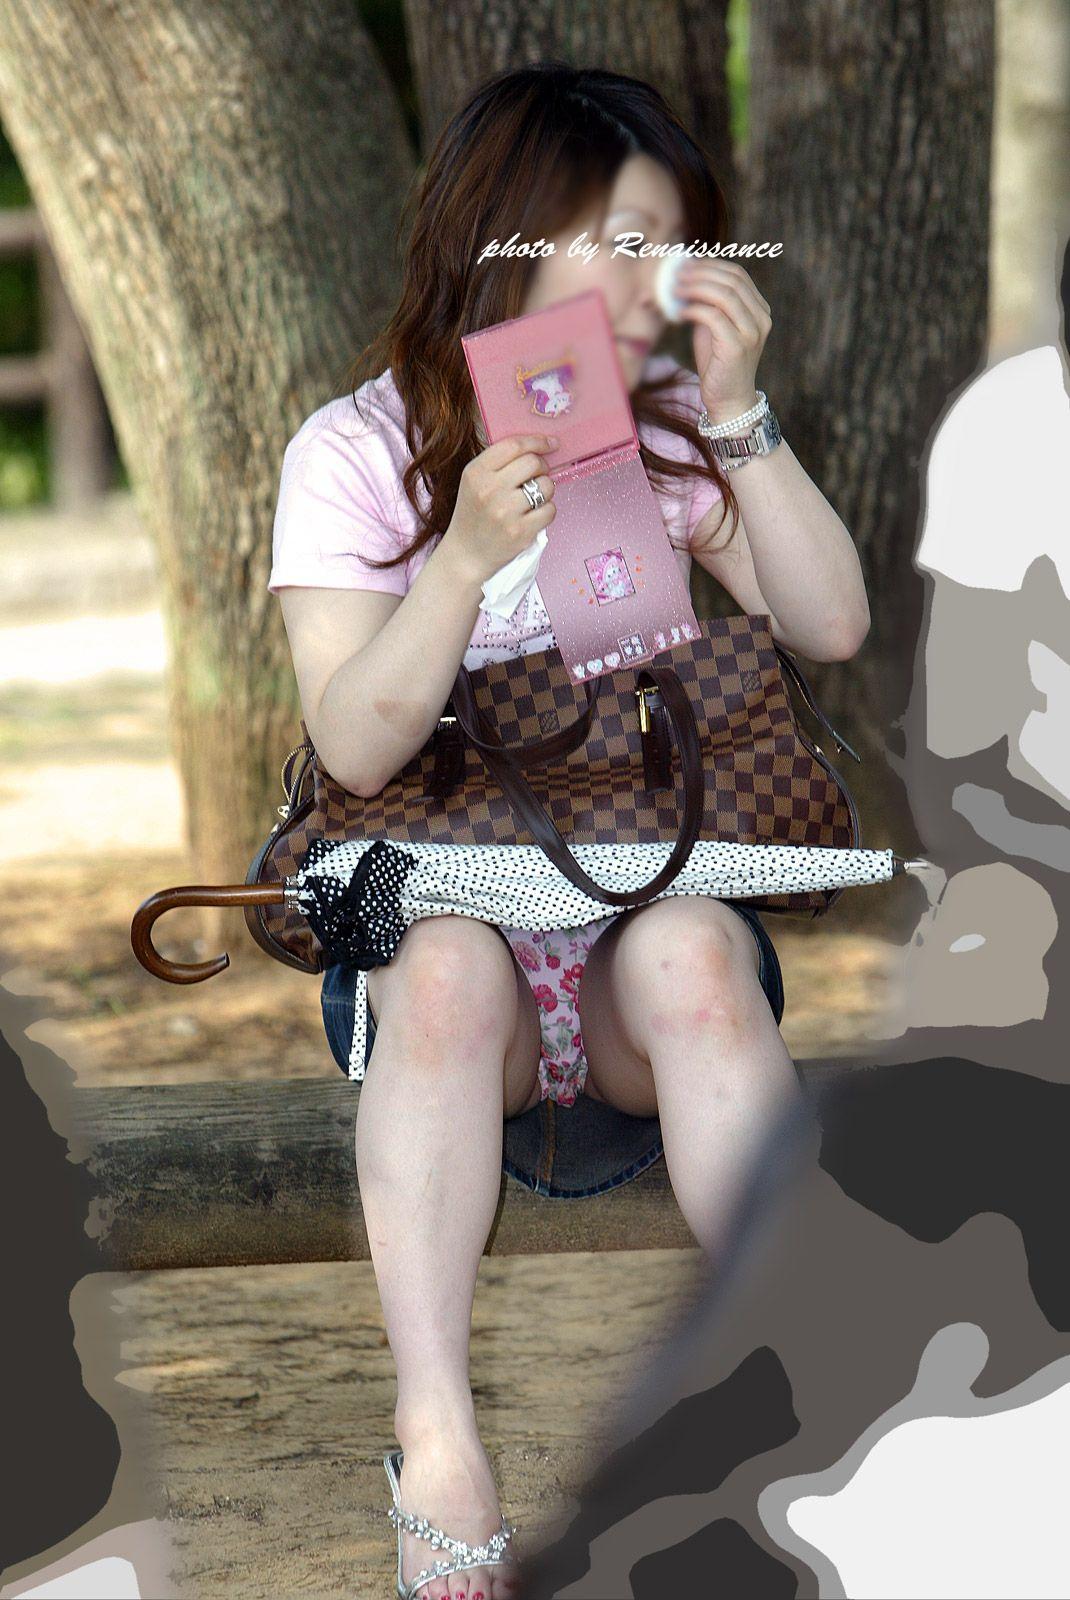 【パンチラエロ画像】短い×腰掛け=見えるって事ですw屋外座りチラ観察www 11